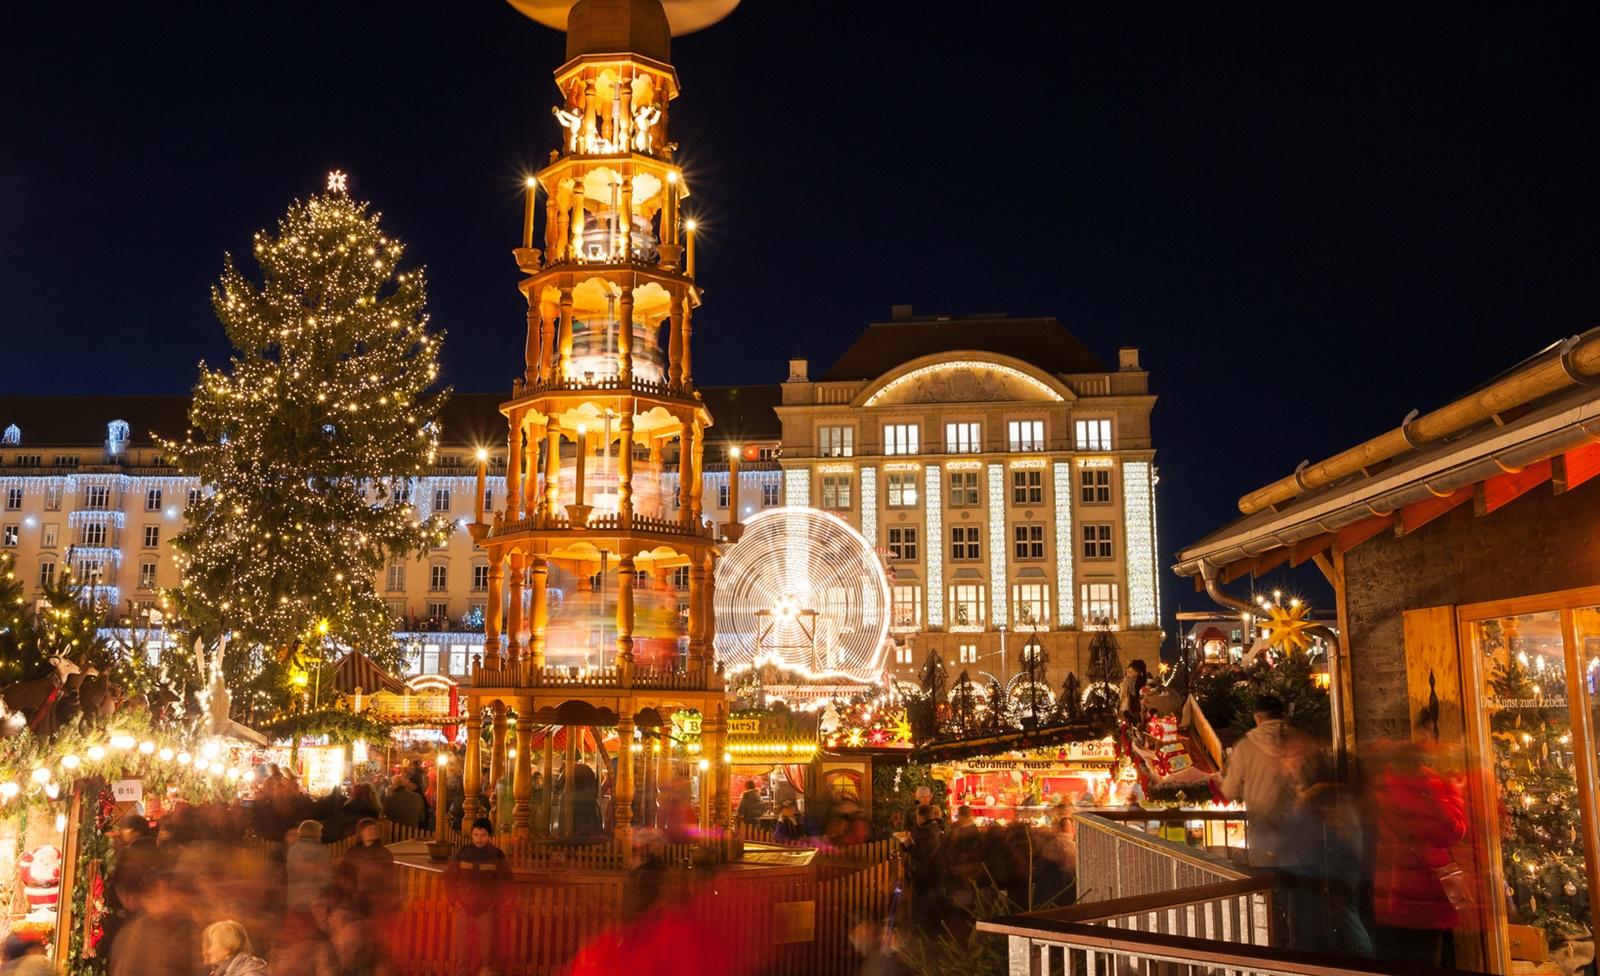 Weihnachtsmarkt In Dresden.Weihnachtsmarkt Dresden 2018 Striezelmarkt Co öffnungszeiten